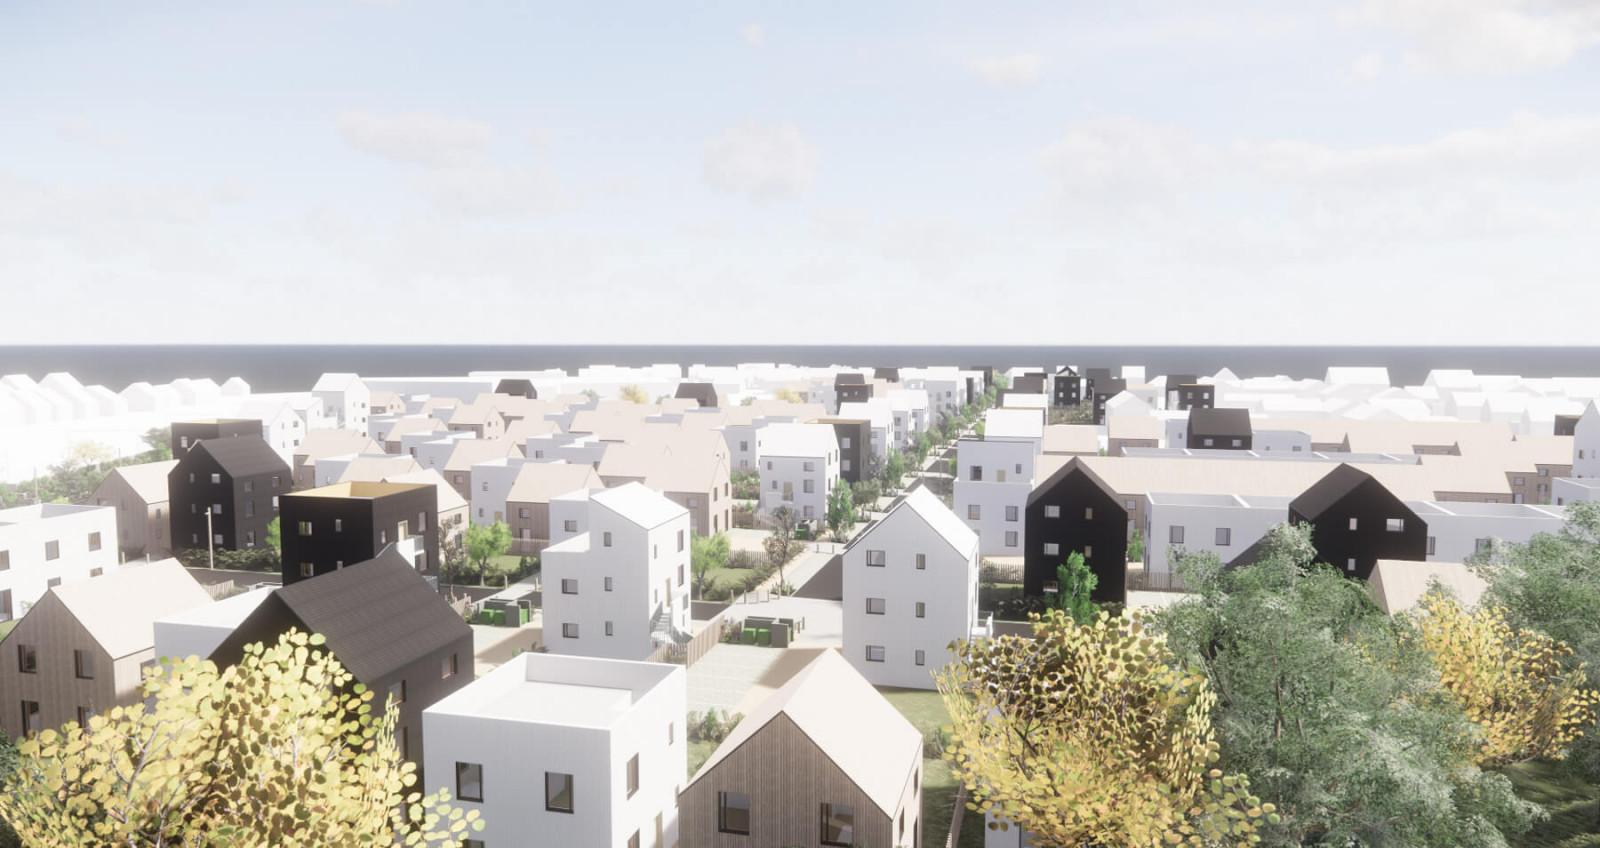 graam-treiges-01-logements-genlis-exterieur-aerienne-horizon-paysage